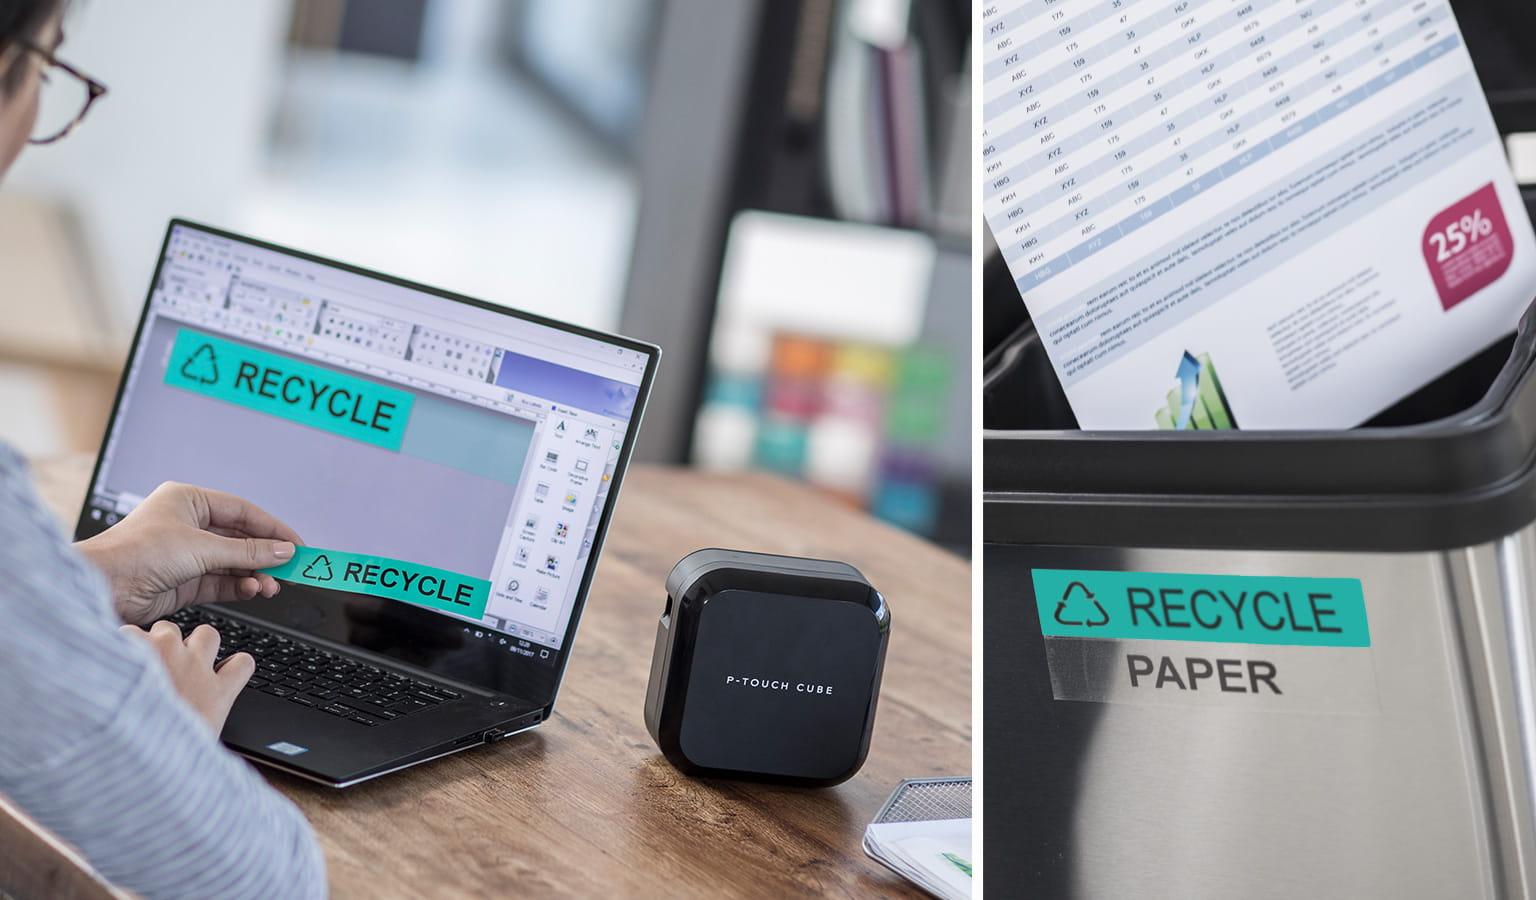 """Служител проектира етикет """"Recycle"""" на своя компютър и го отпечатва на етикетен принтерBrother P-touch. След това етикетът е залепен за кошче за рециклиране"""